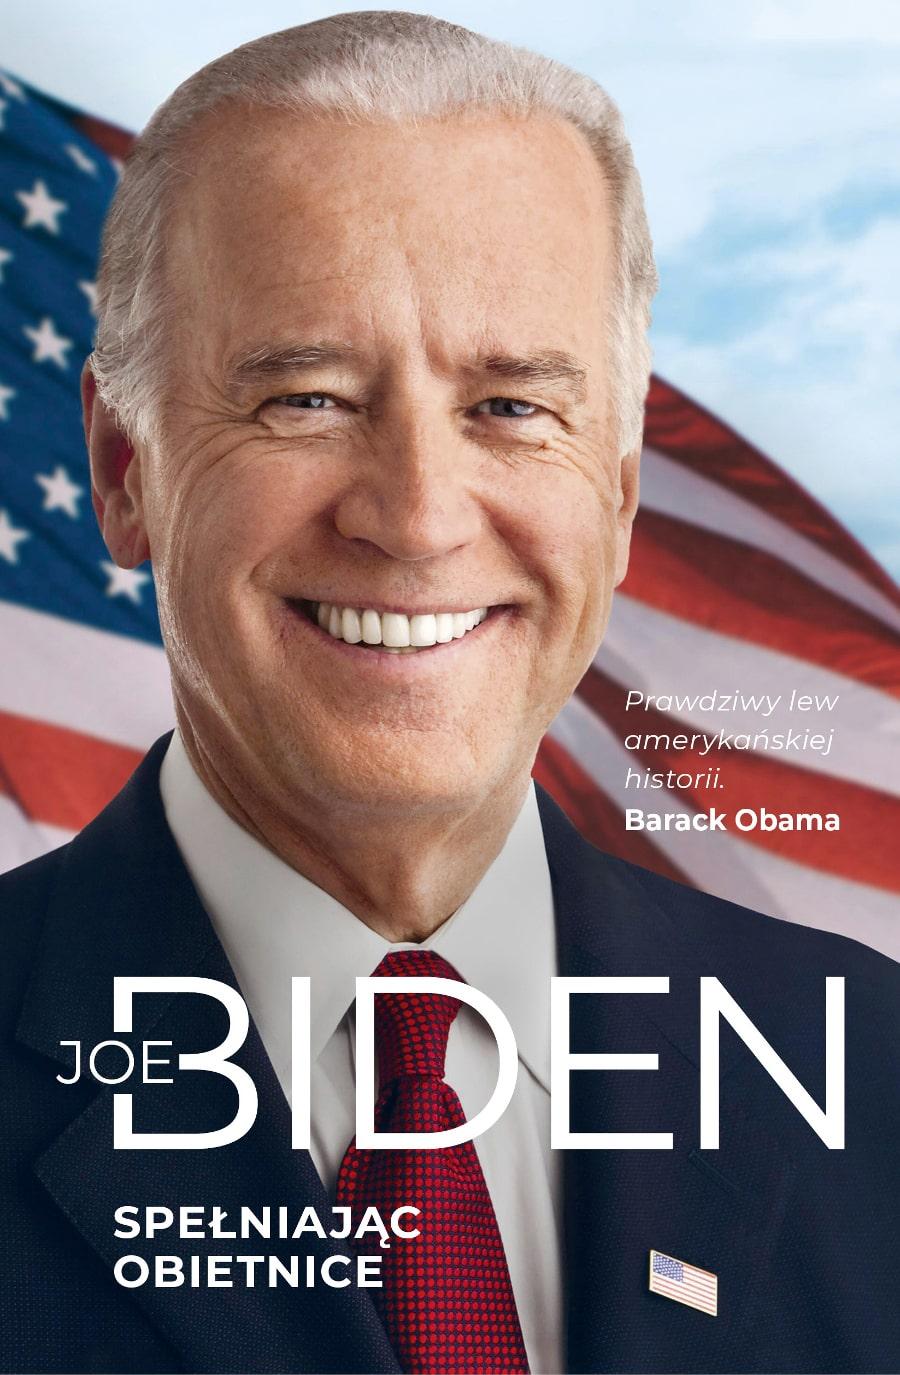 Joe Biden - Spełniając obietnice